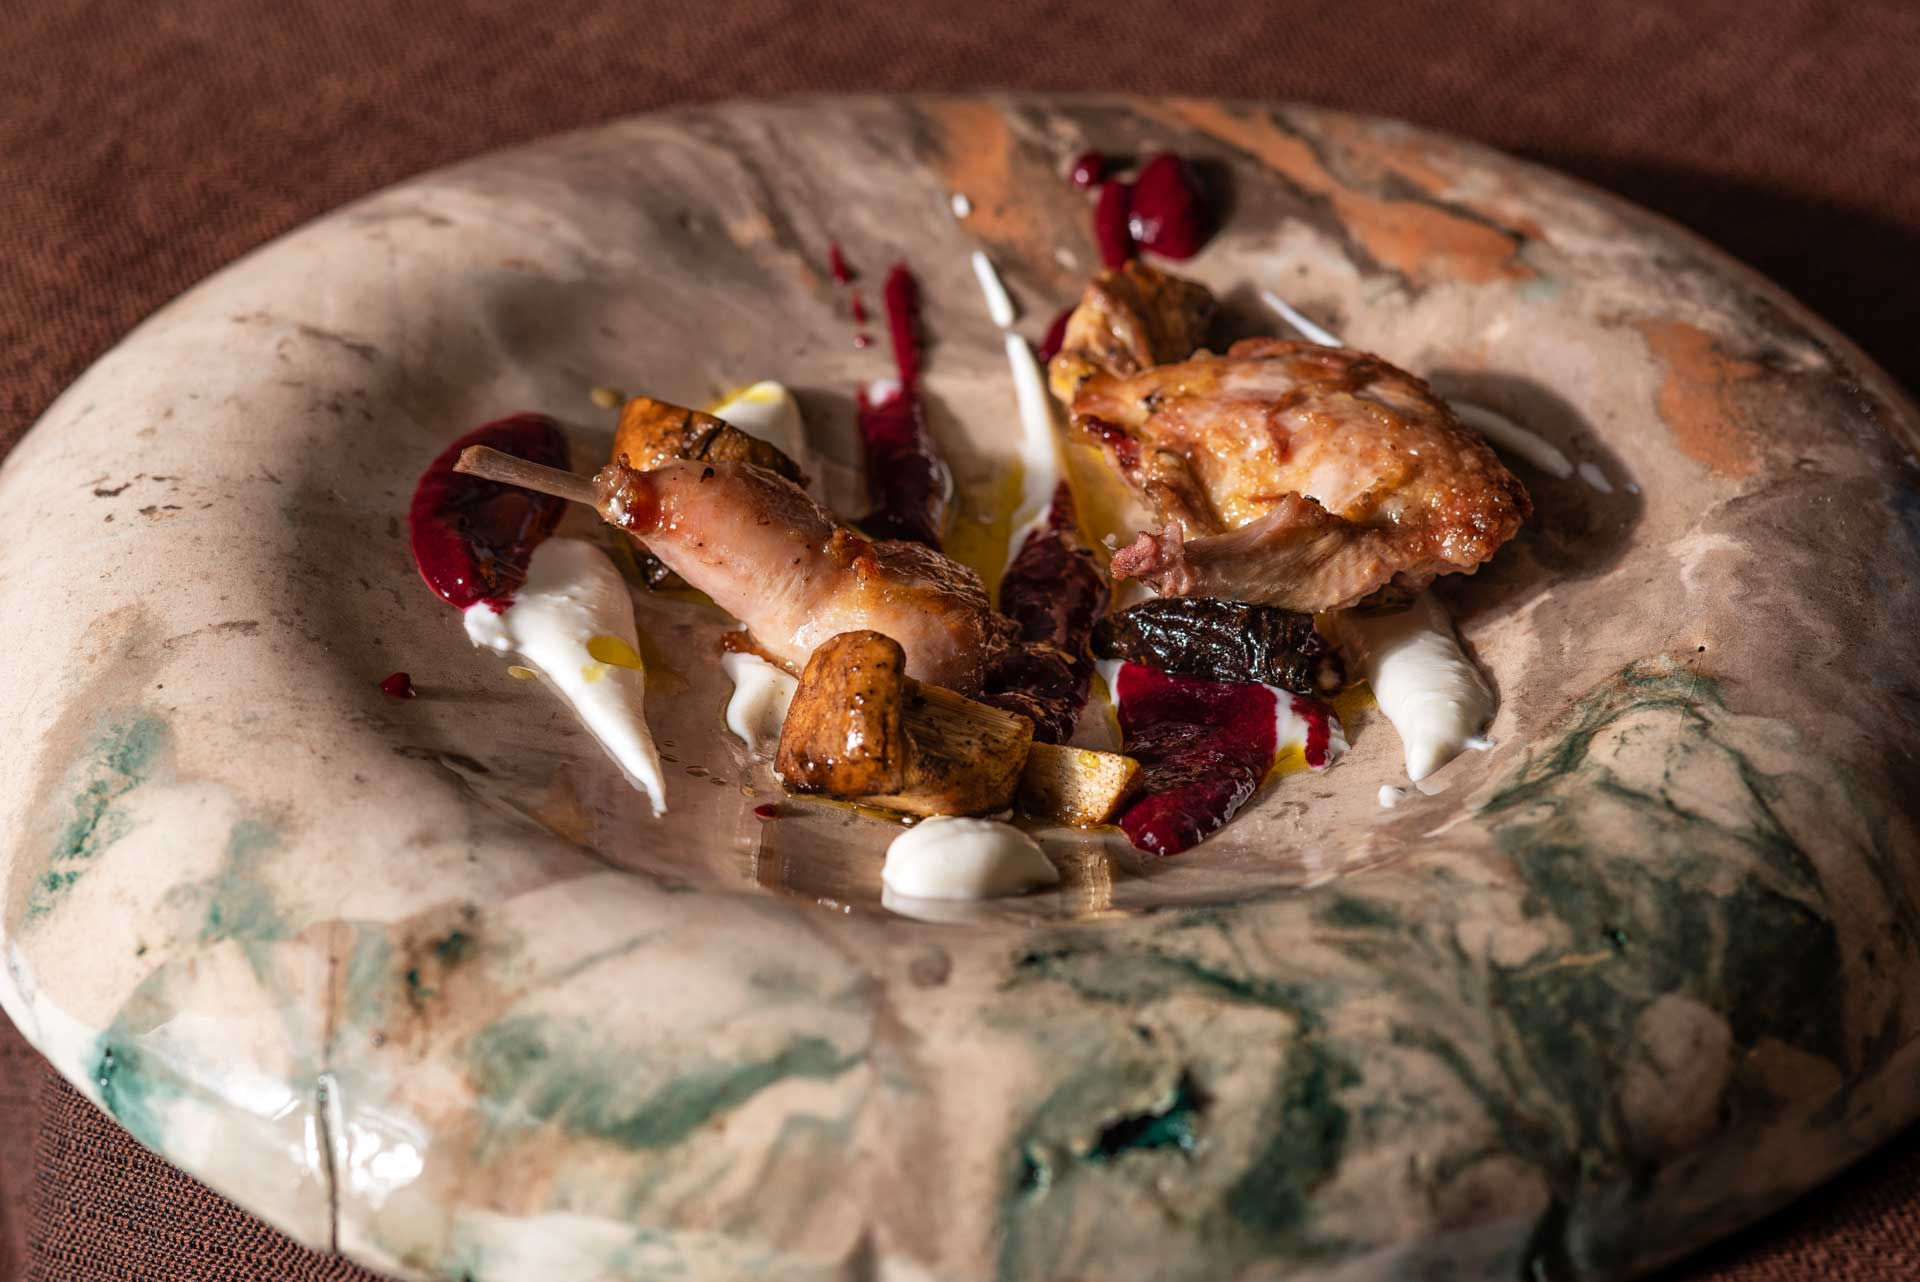 officina-visiva-ale-e-pepe-food-chef-paolo-trippini-ambasciatore-del-gusto-1-web